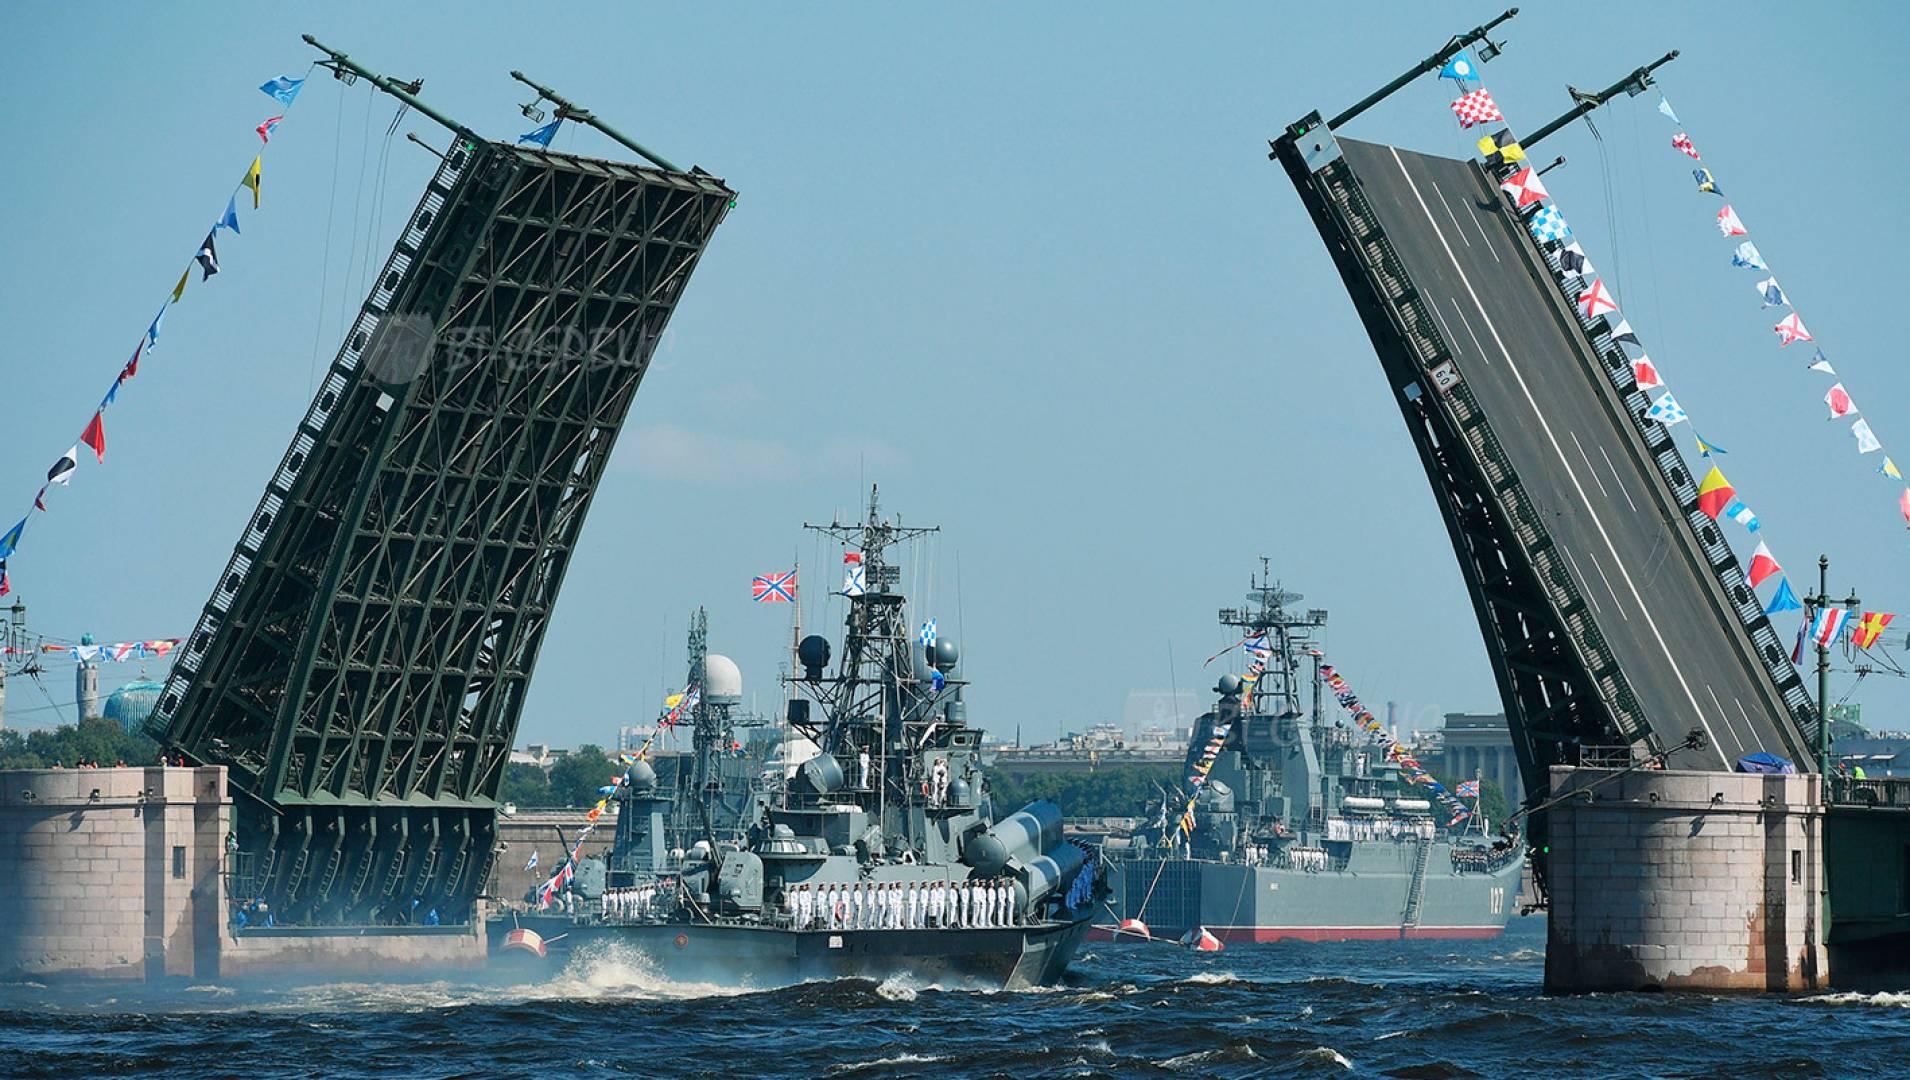 Торжественный парад к Дню Военно-Морского Флота России - Программа